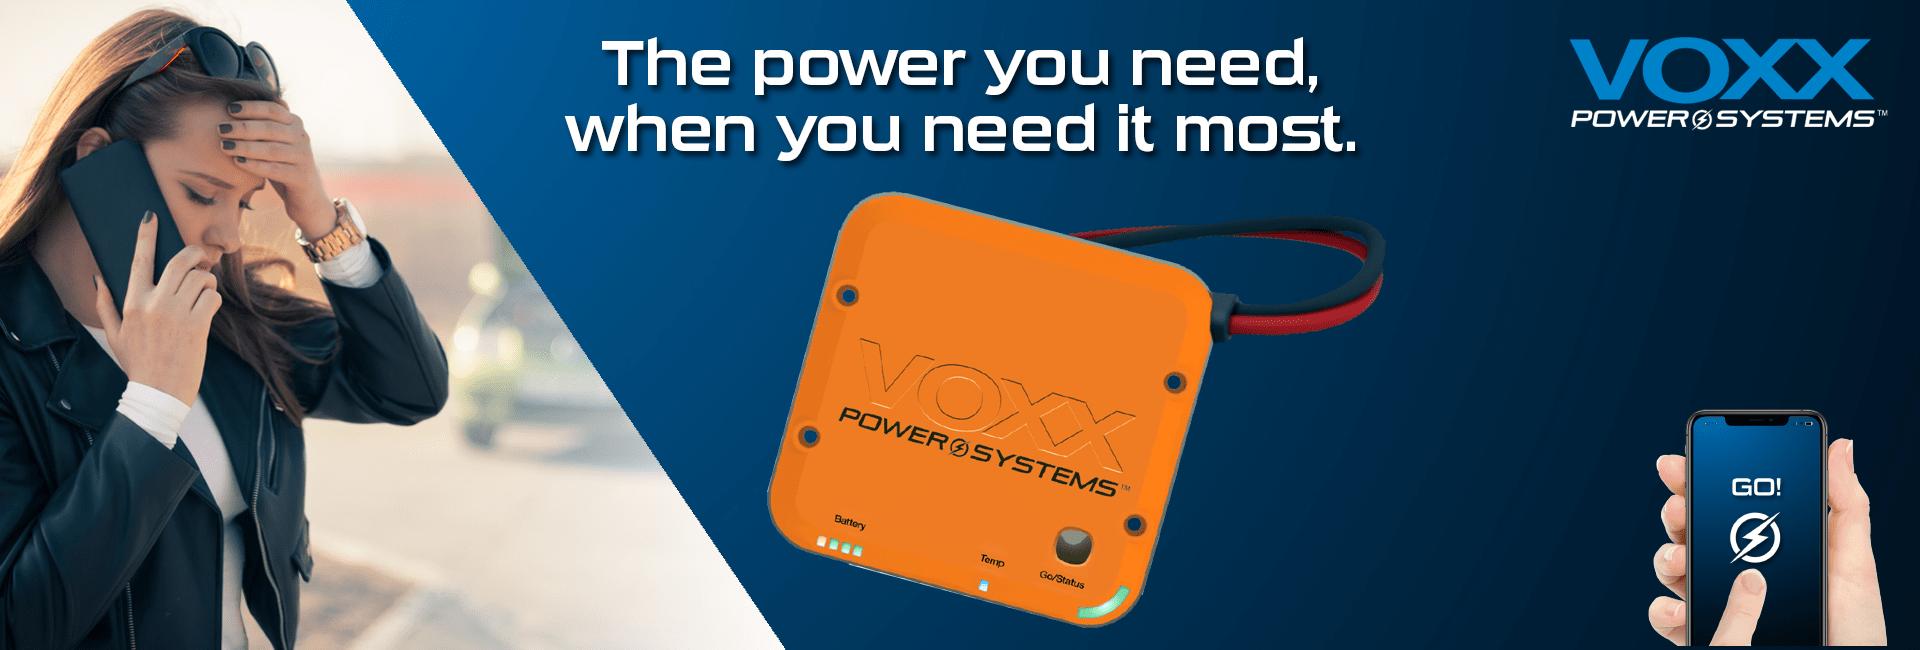 Voxx Power Systems POWV3.5